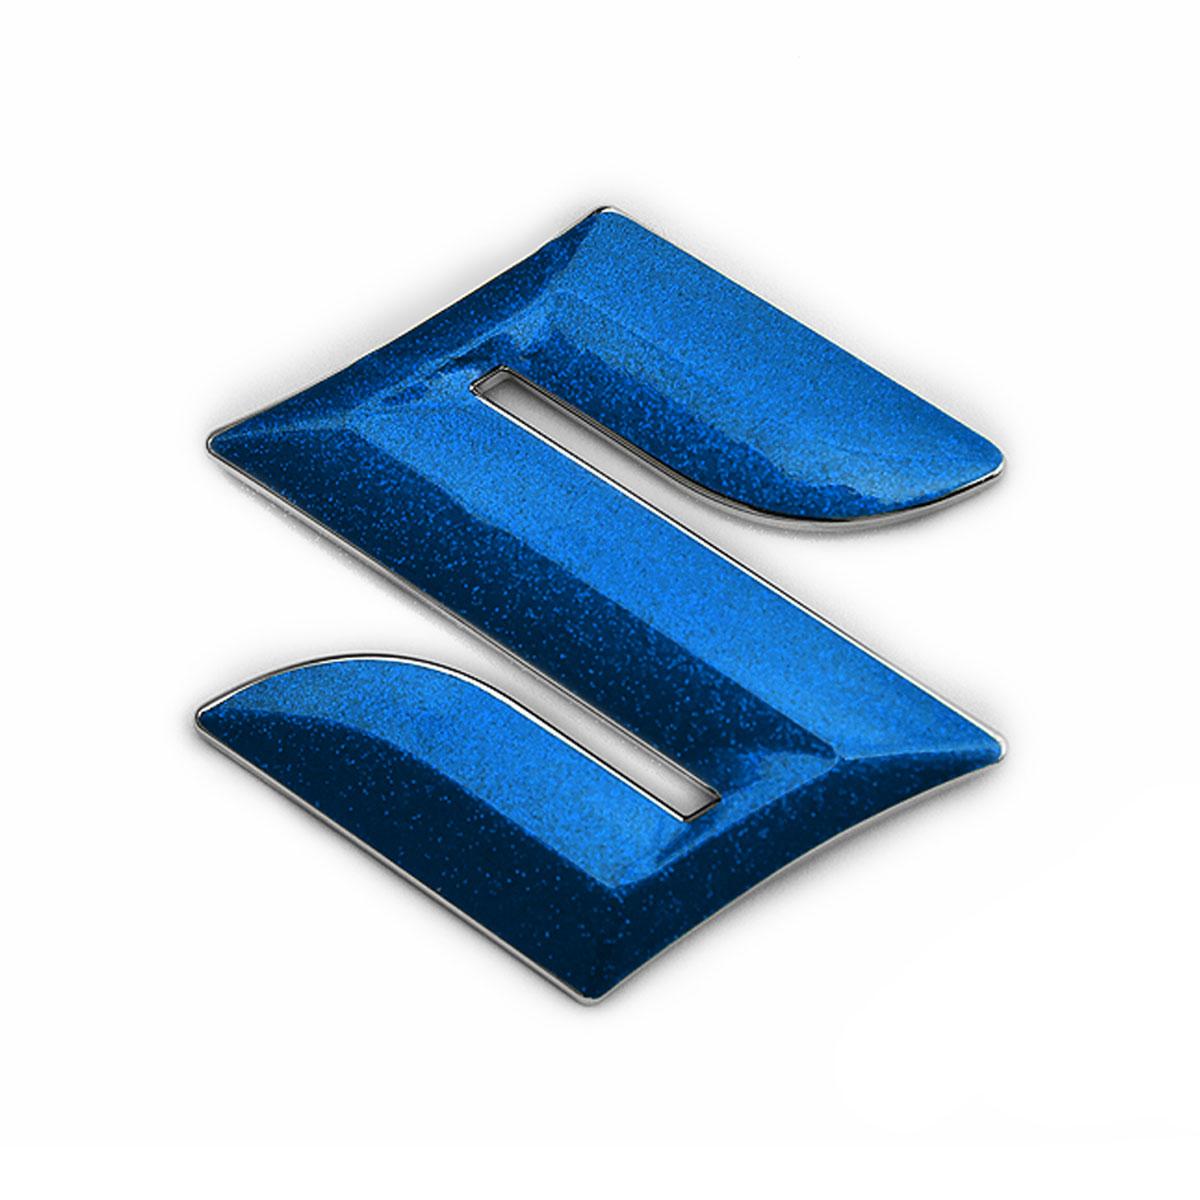 メール便送料無料 SUZUKI SOLIO_BANDIT MA36S MA46S 前期 パーツ スズキ車用 平成27年式8月~平成30年式6月までの車種対応 スズキマーク セール特別価格 メタリックフレークシート EFZ01m フロント用 BATBERRYエンブレムフィルム 粗目メタリックブルー 豪華な ソリオバンディット フロント